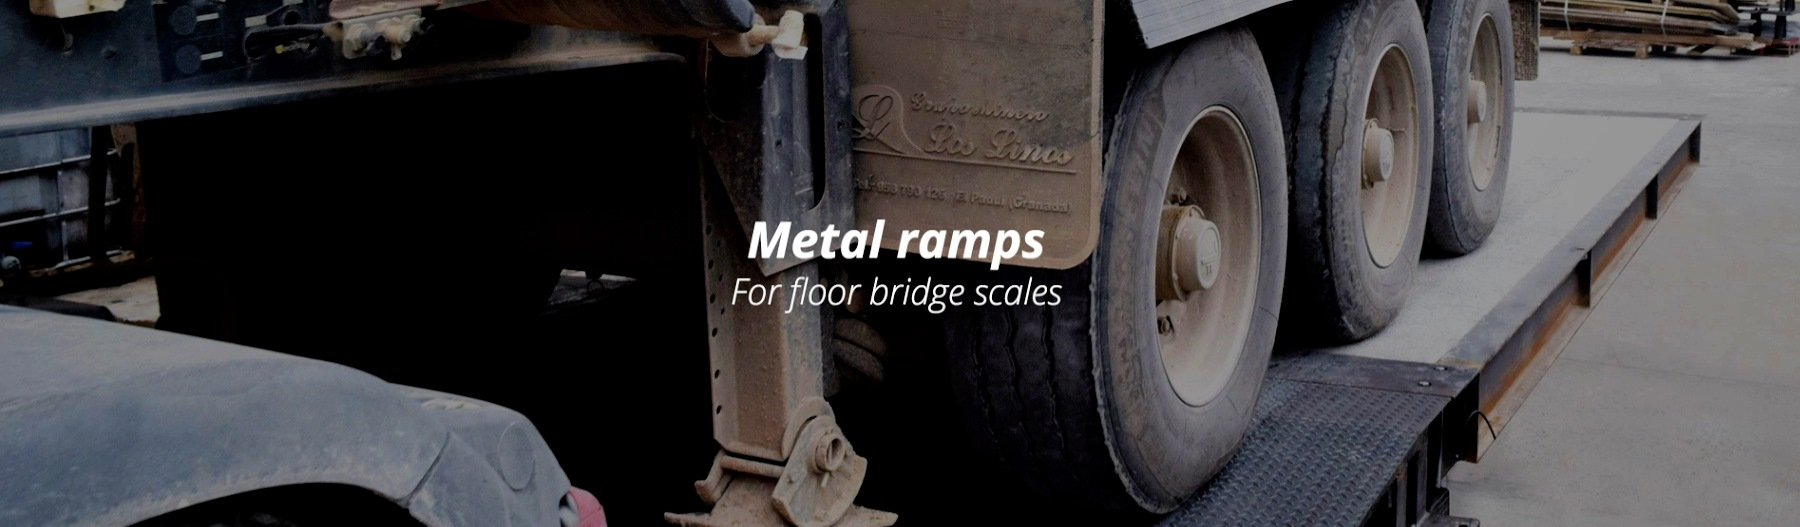 METAL RAMPS FOR FLOOR BRIDGE SCALES-a